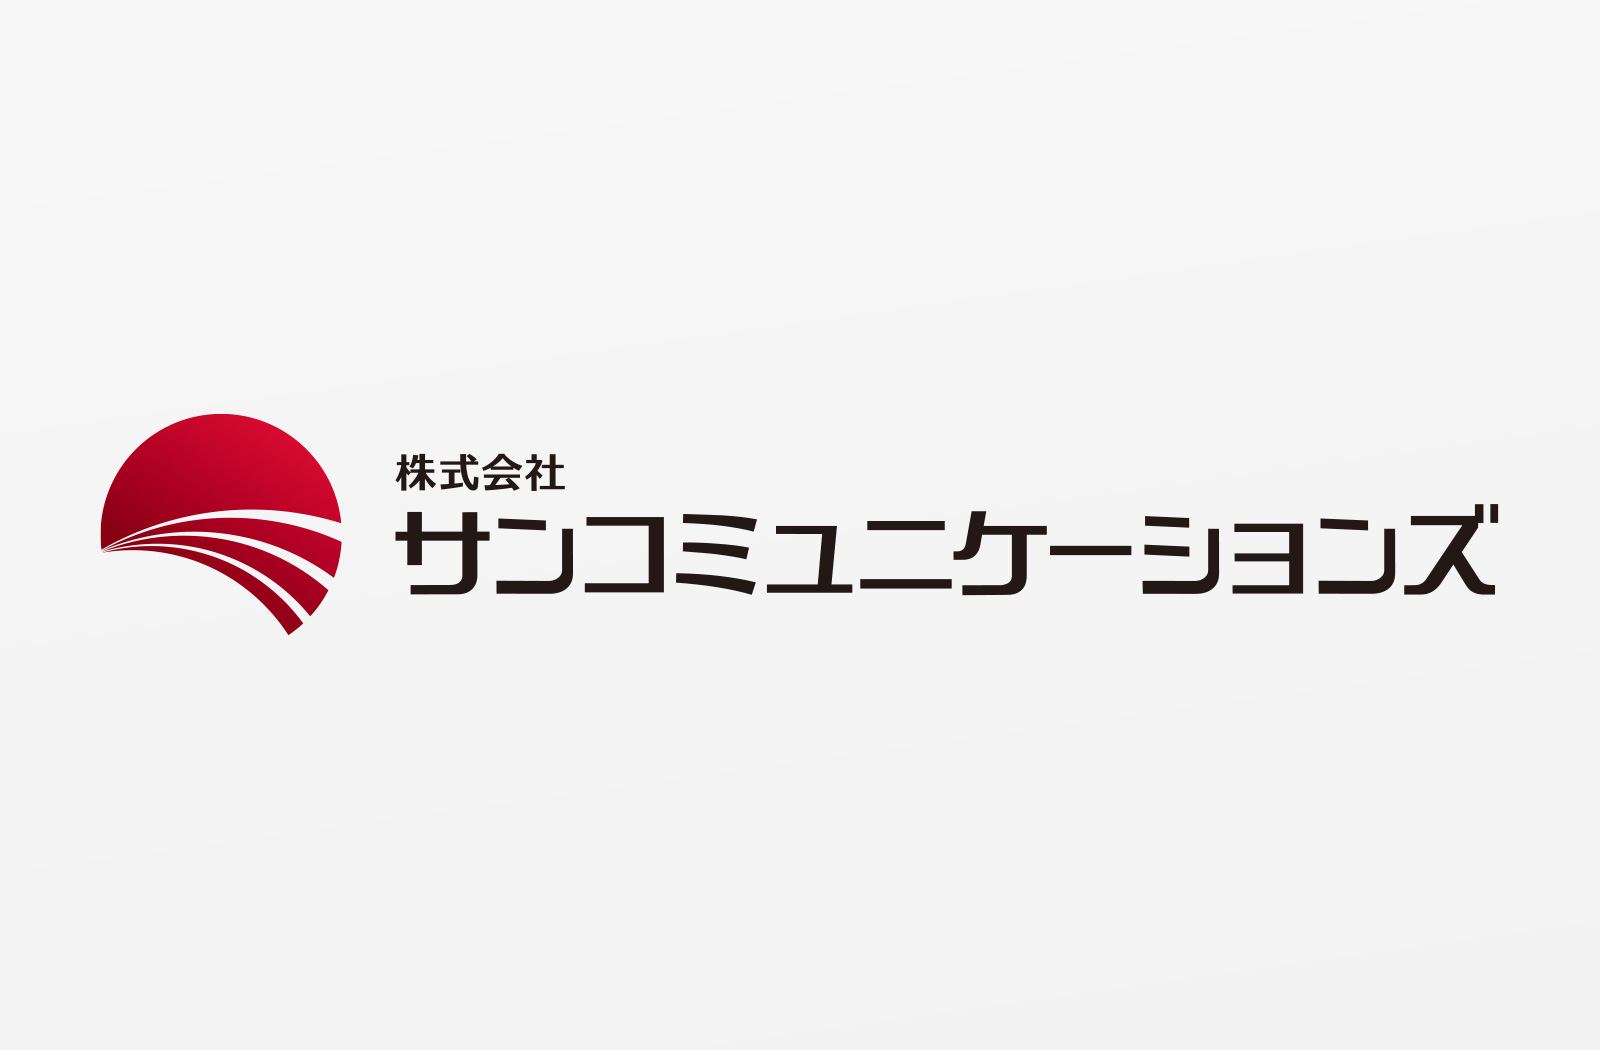 株式会社サンコミュニケーションズ